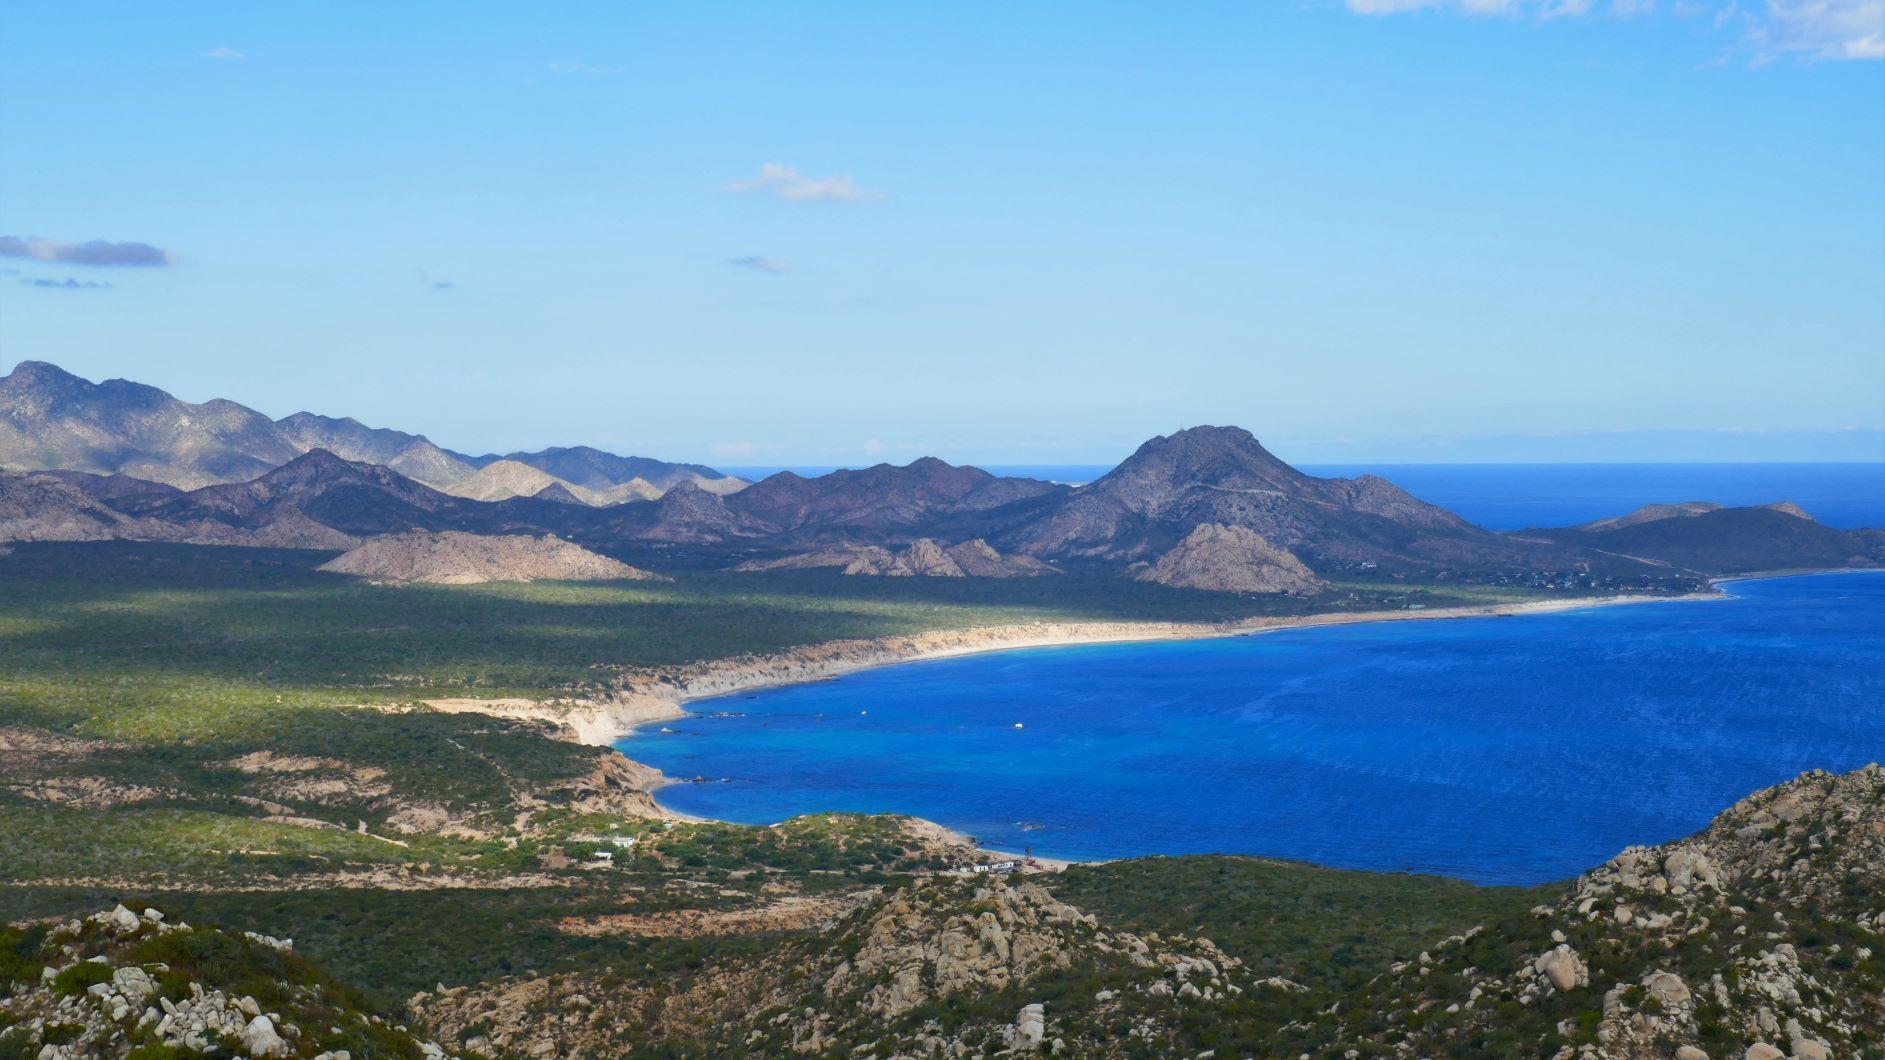 """Blick in die Bucht nach Cabo Pulmo, der Berg geradeaus ist die """"dicke Berta"""", da werd ich mit Ricki noch einige male raufjoggen"""